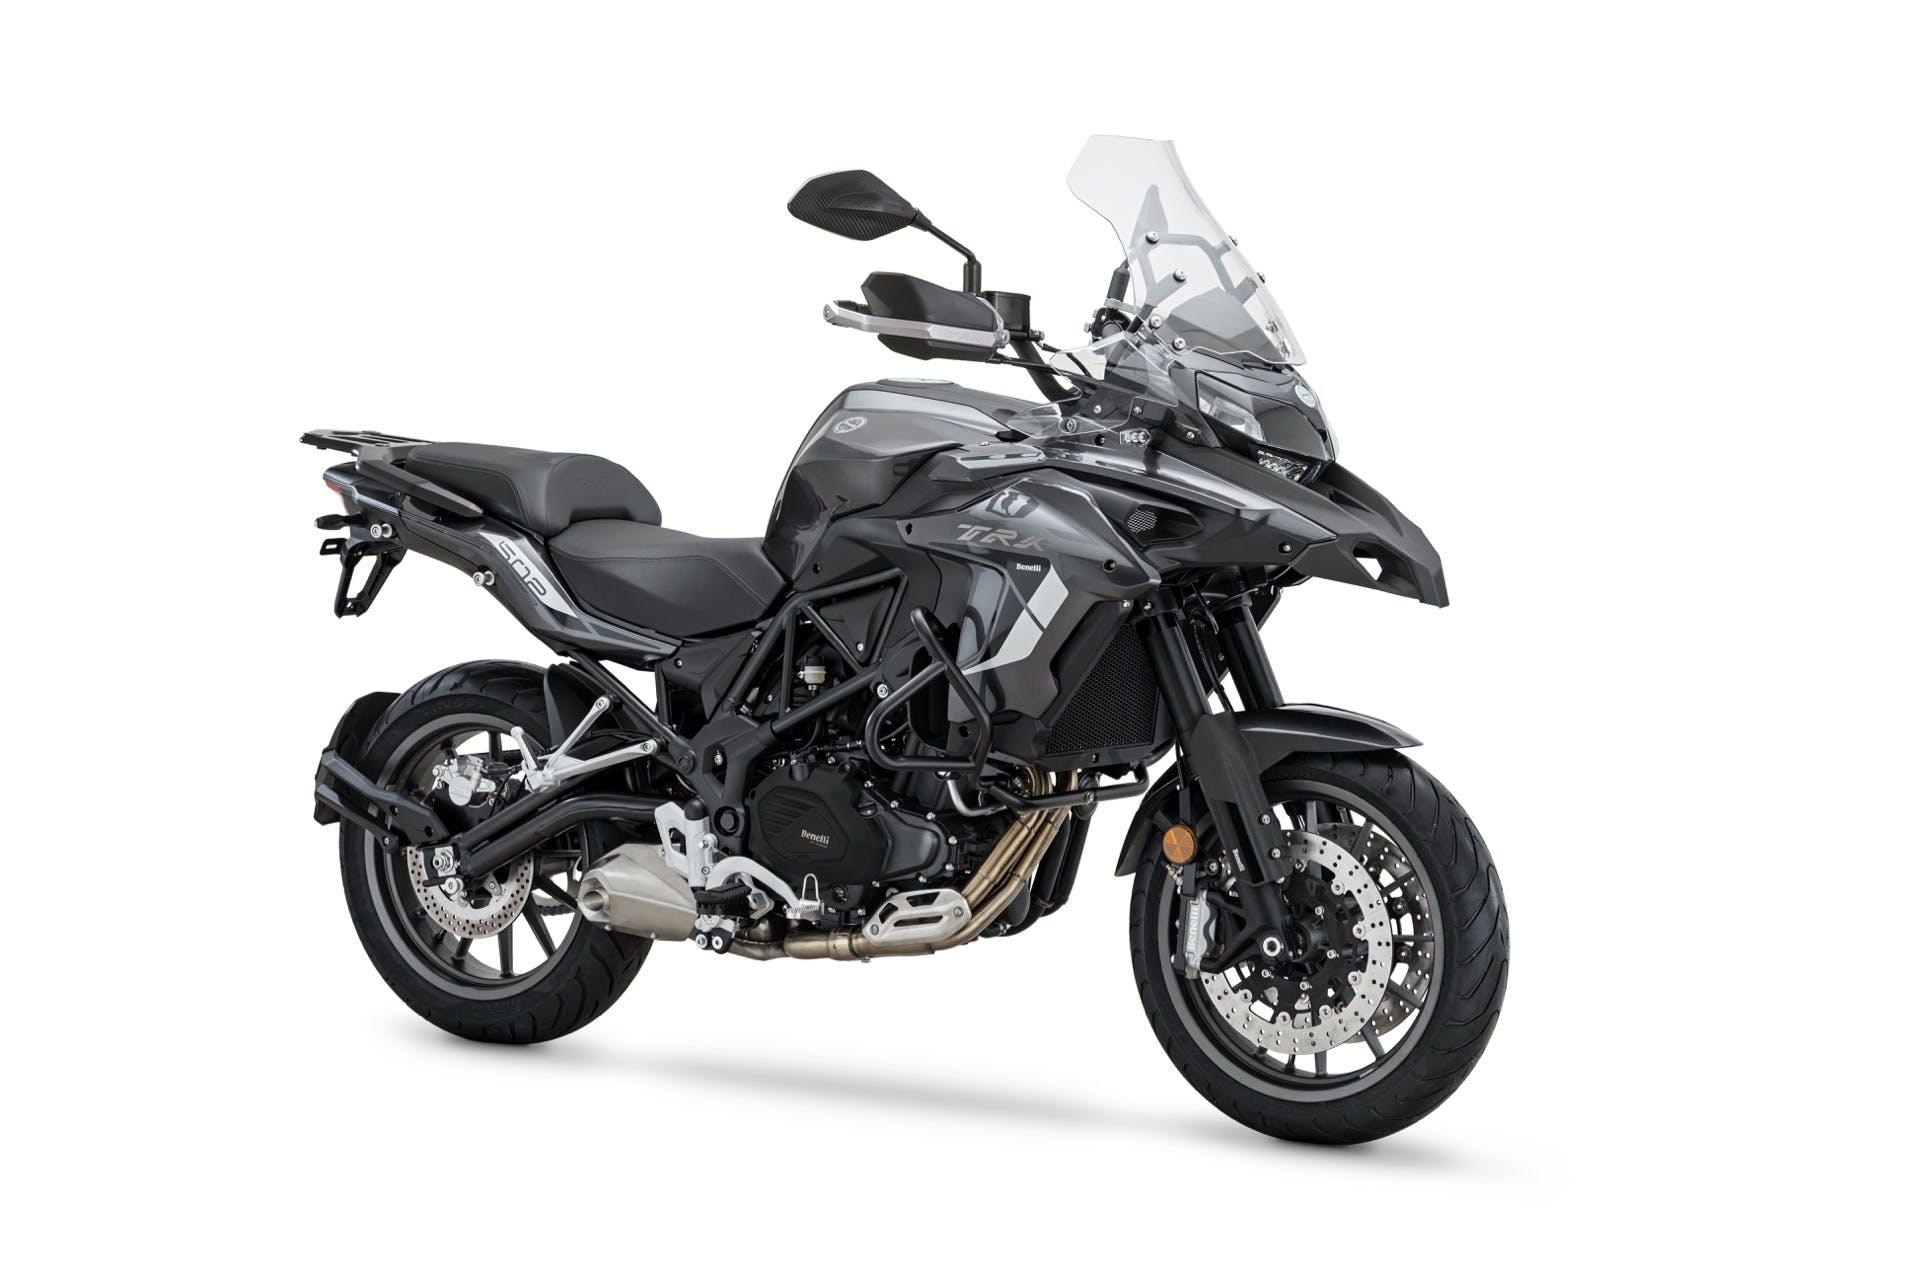 Benelli TRK 502 - Le migliori moto economiche sotto i 6.000 euro